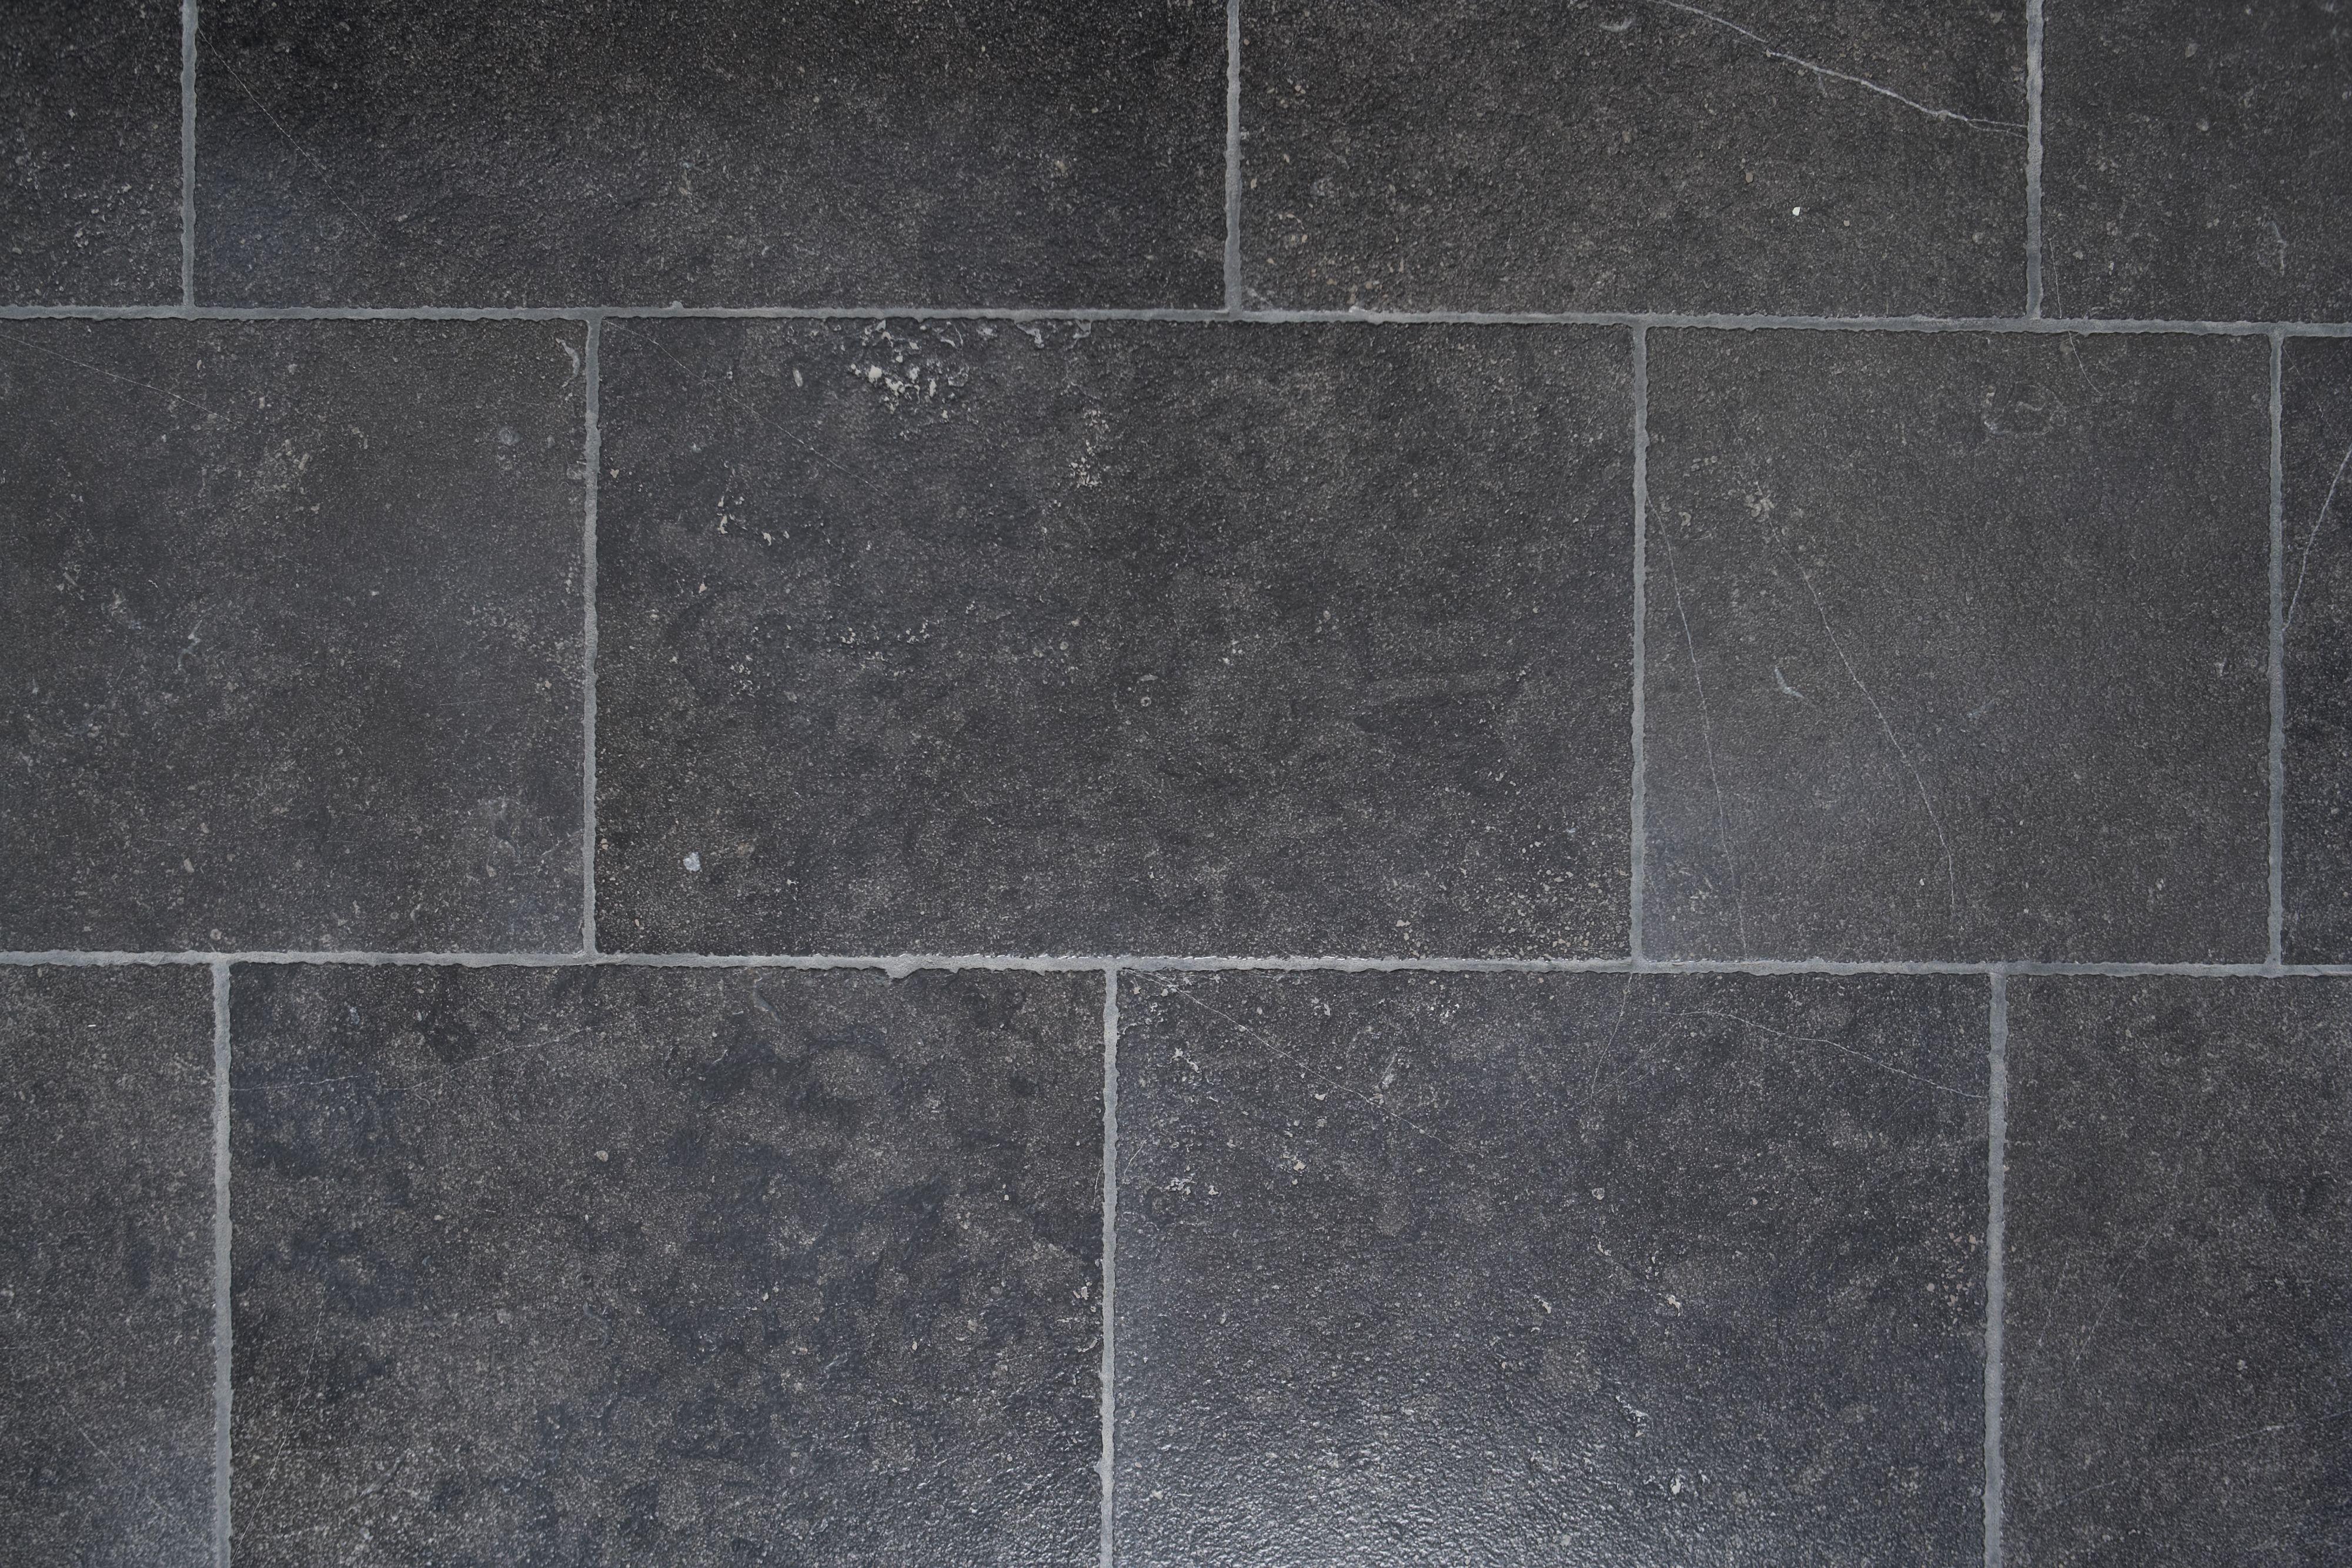 Ann Sacks Pierre Noire Limestone Tile Wide By Random Lengths In Honed Finish